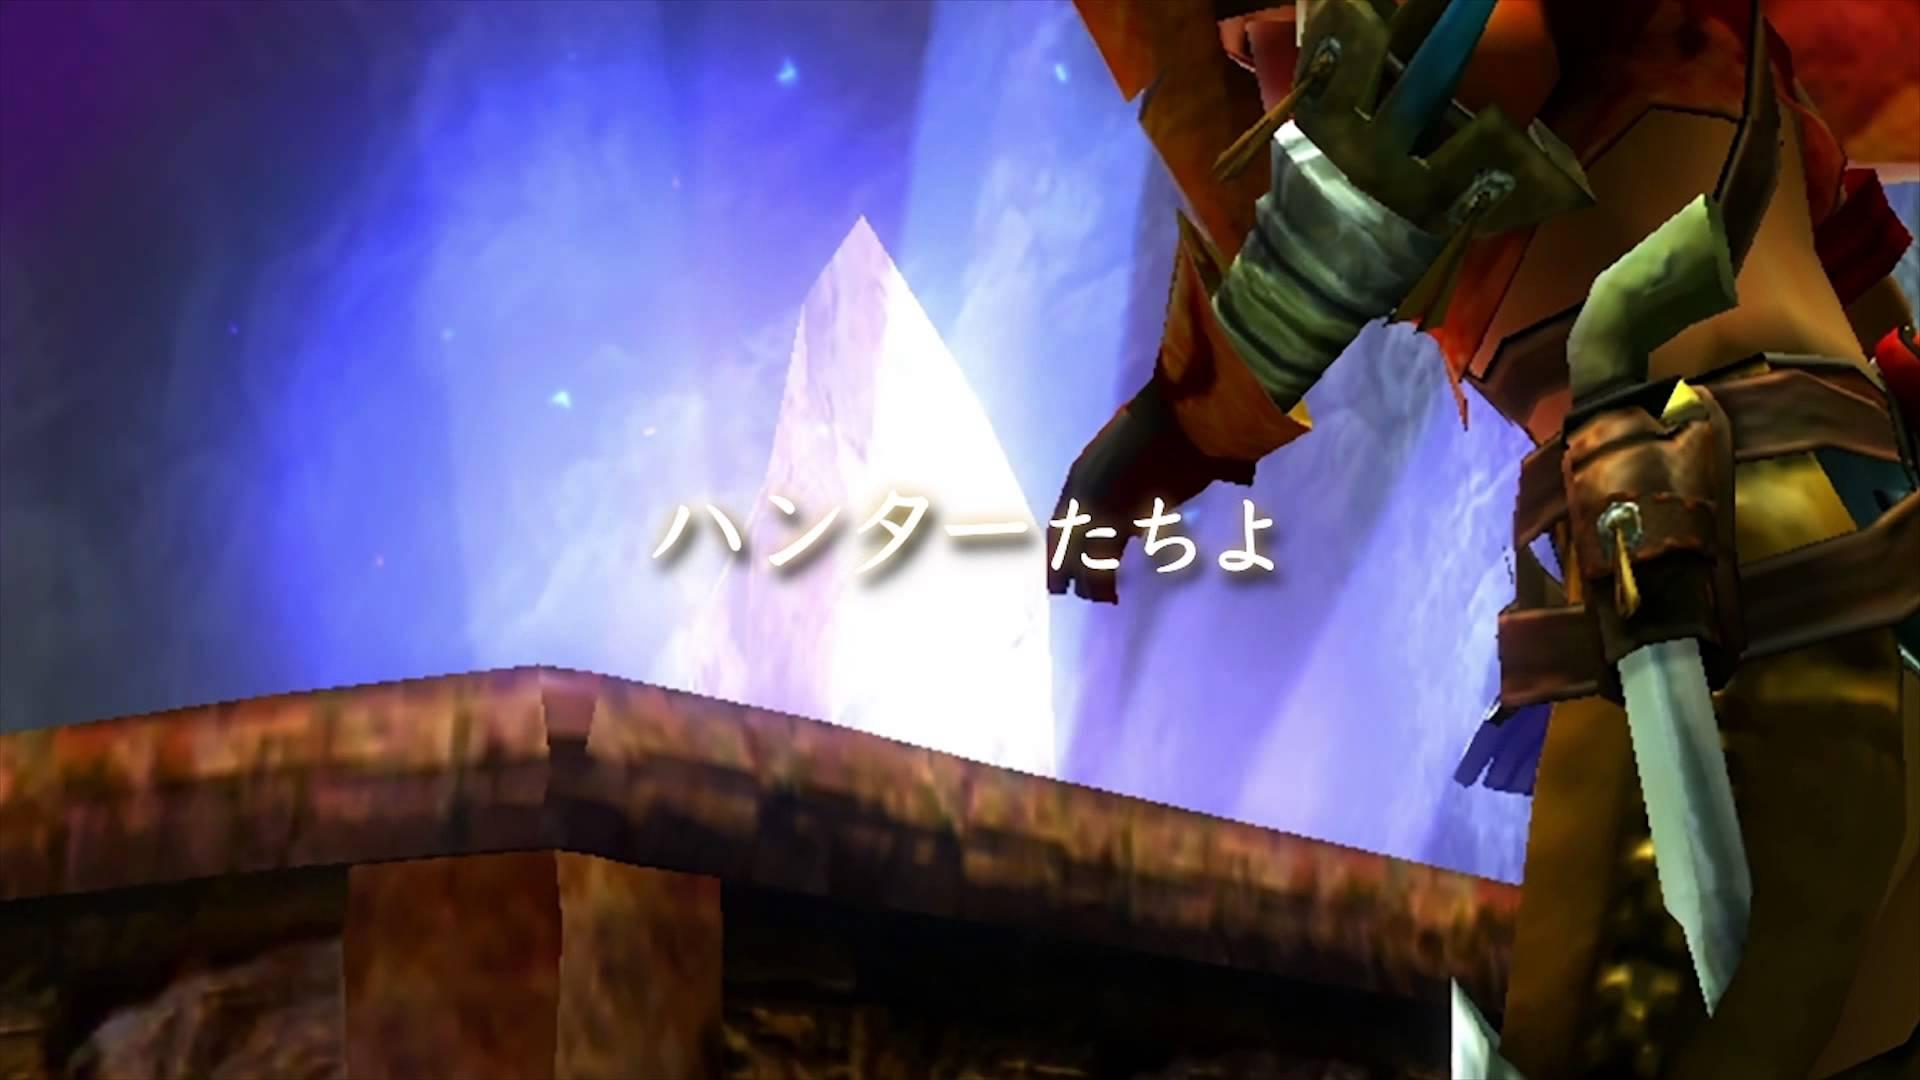 4人協力プレイも楽しめる探検×ハンティングRPG『モンスターハンターエクスプロア』オープニングムービーやプレイレポが公開